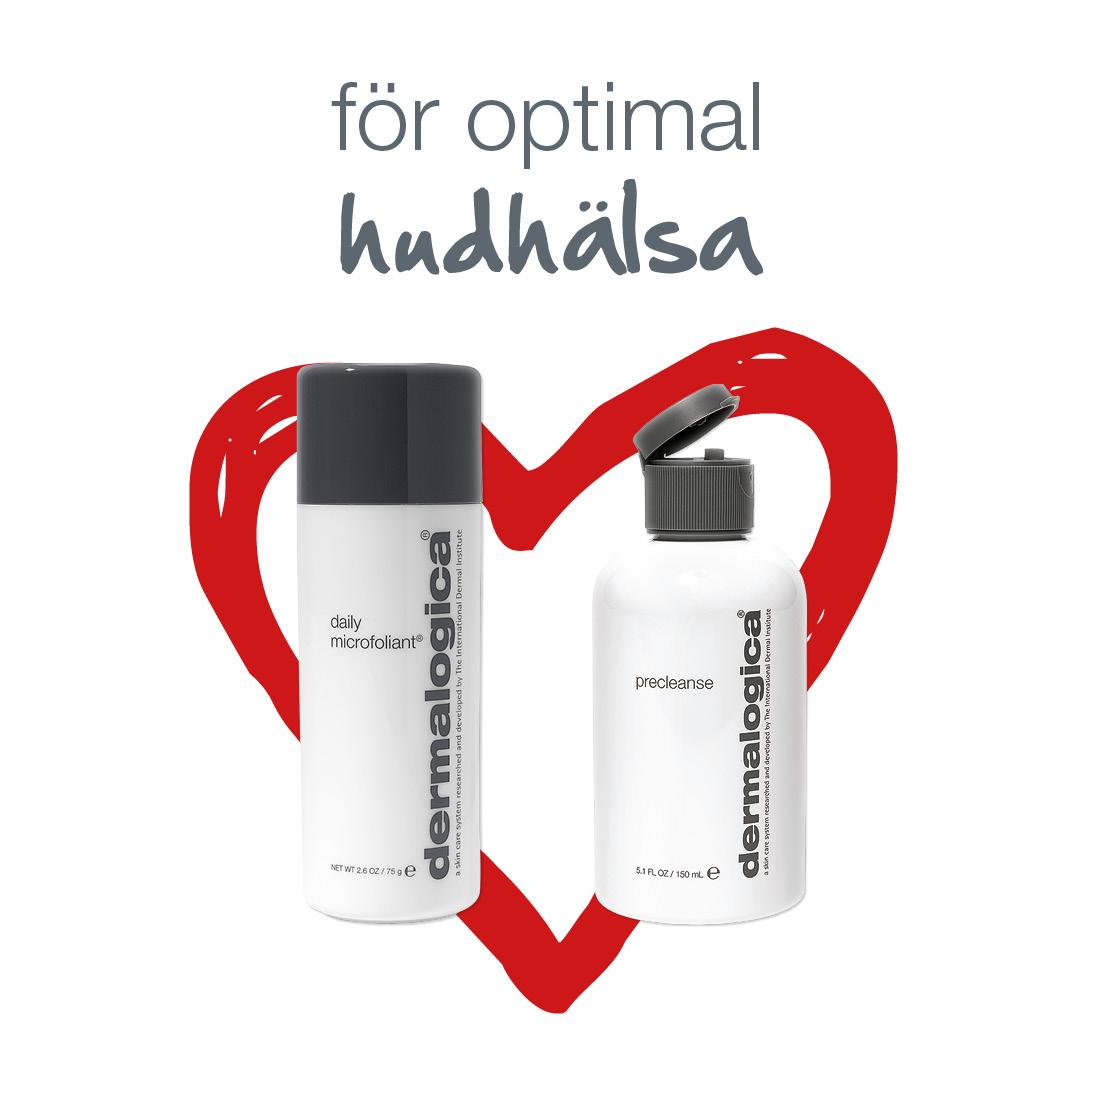 http://www.knopphudterapeut.se/wp-content/uploads/2017/03/optimal-hudhälsa.jpg